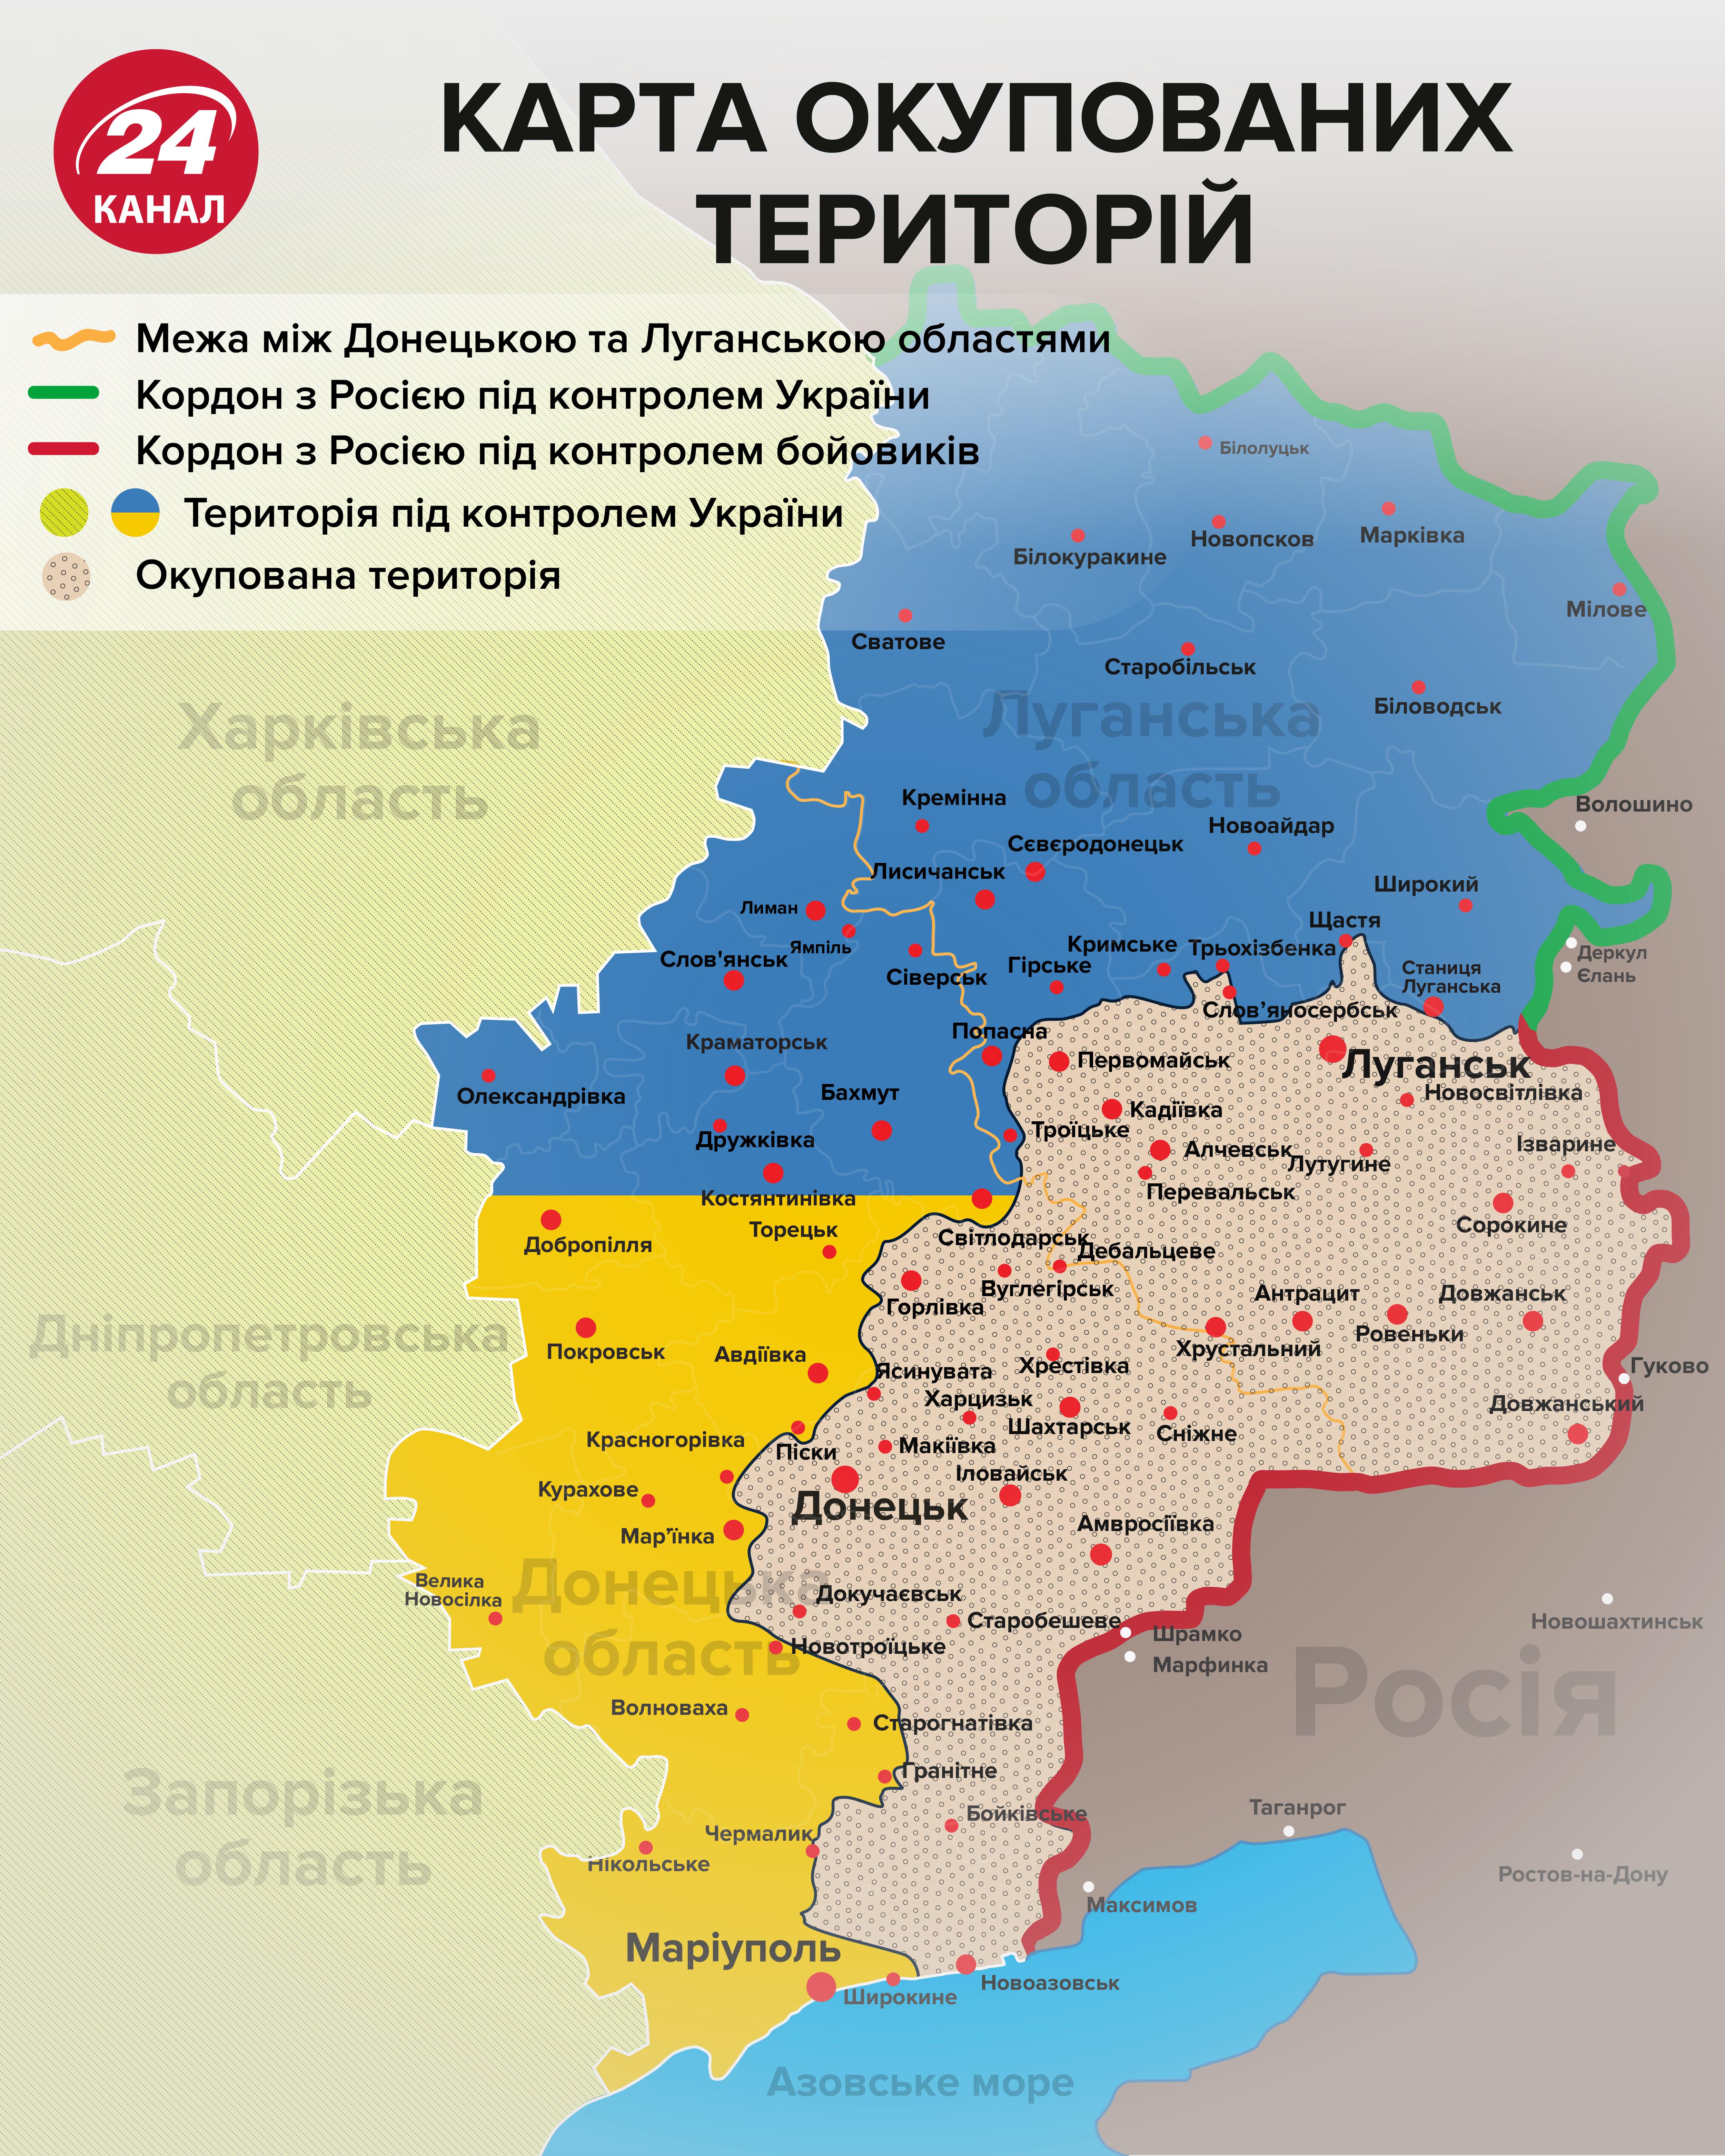 мапа окупованих територій Донбасу ОРДЛО карта війна 2020